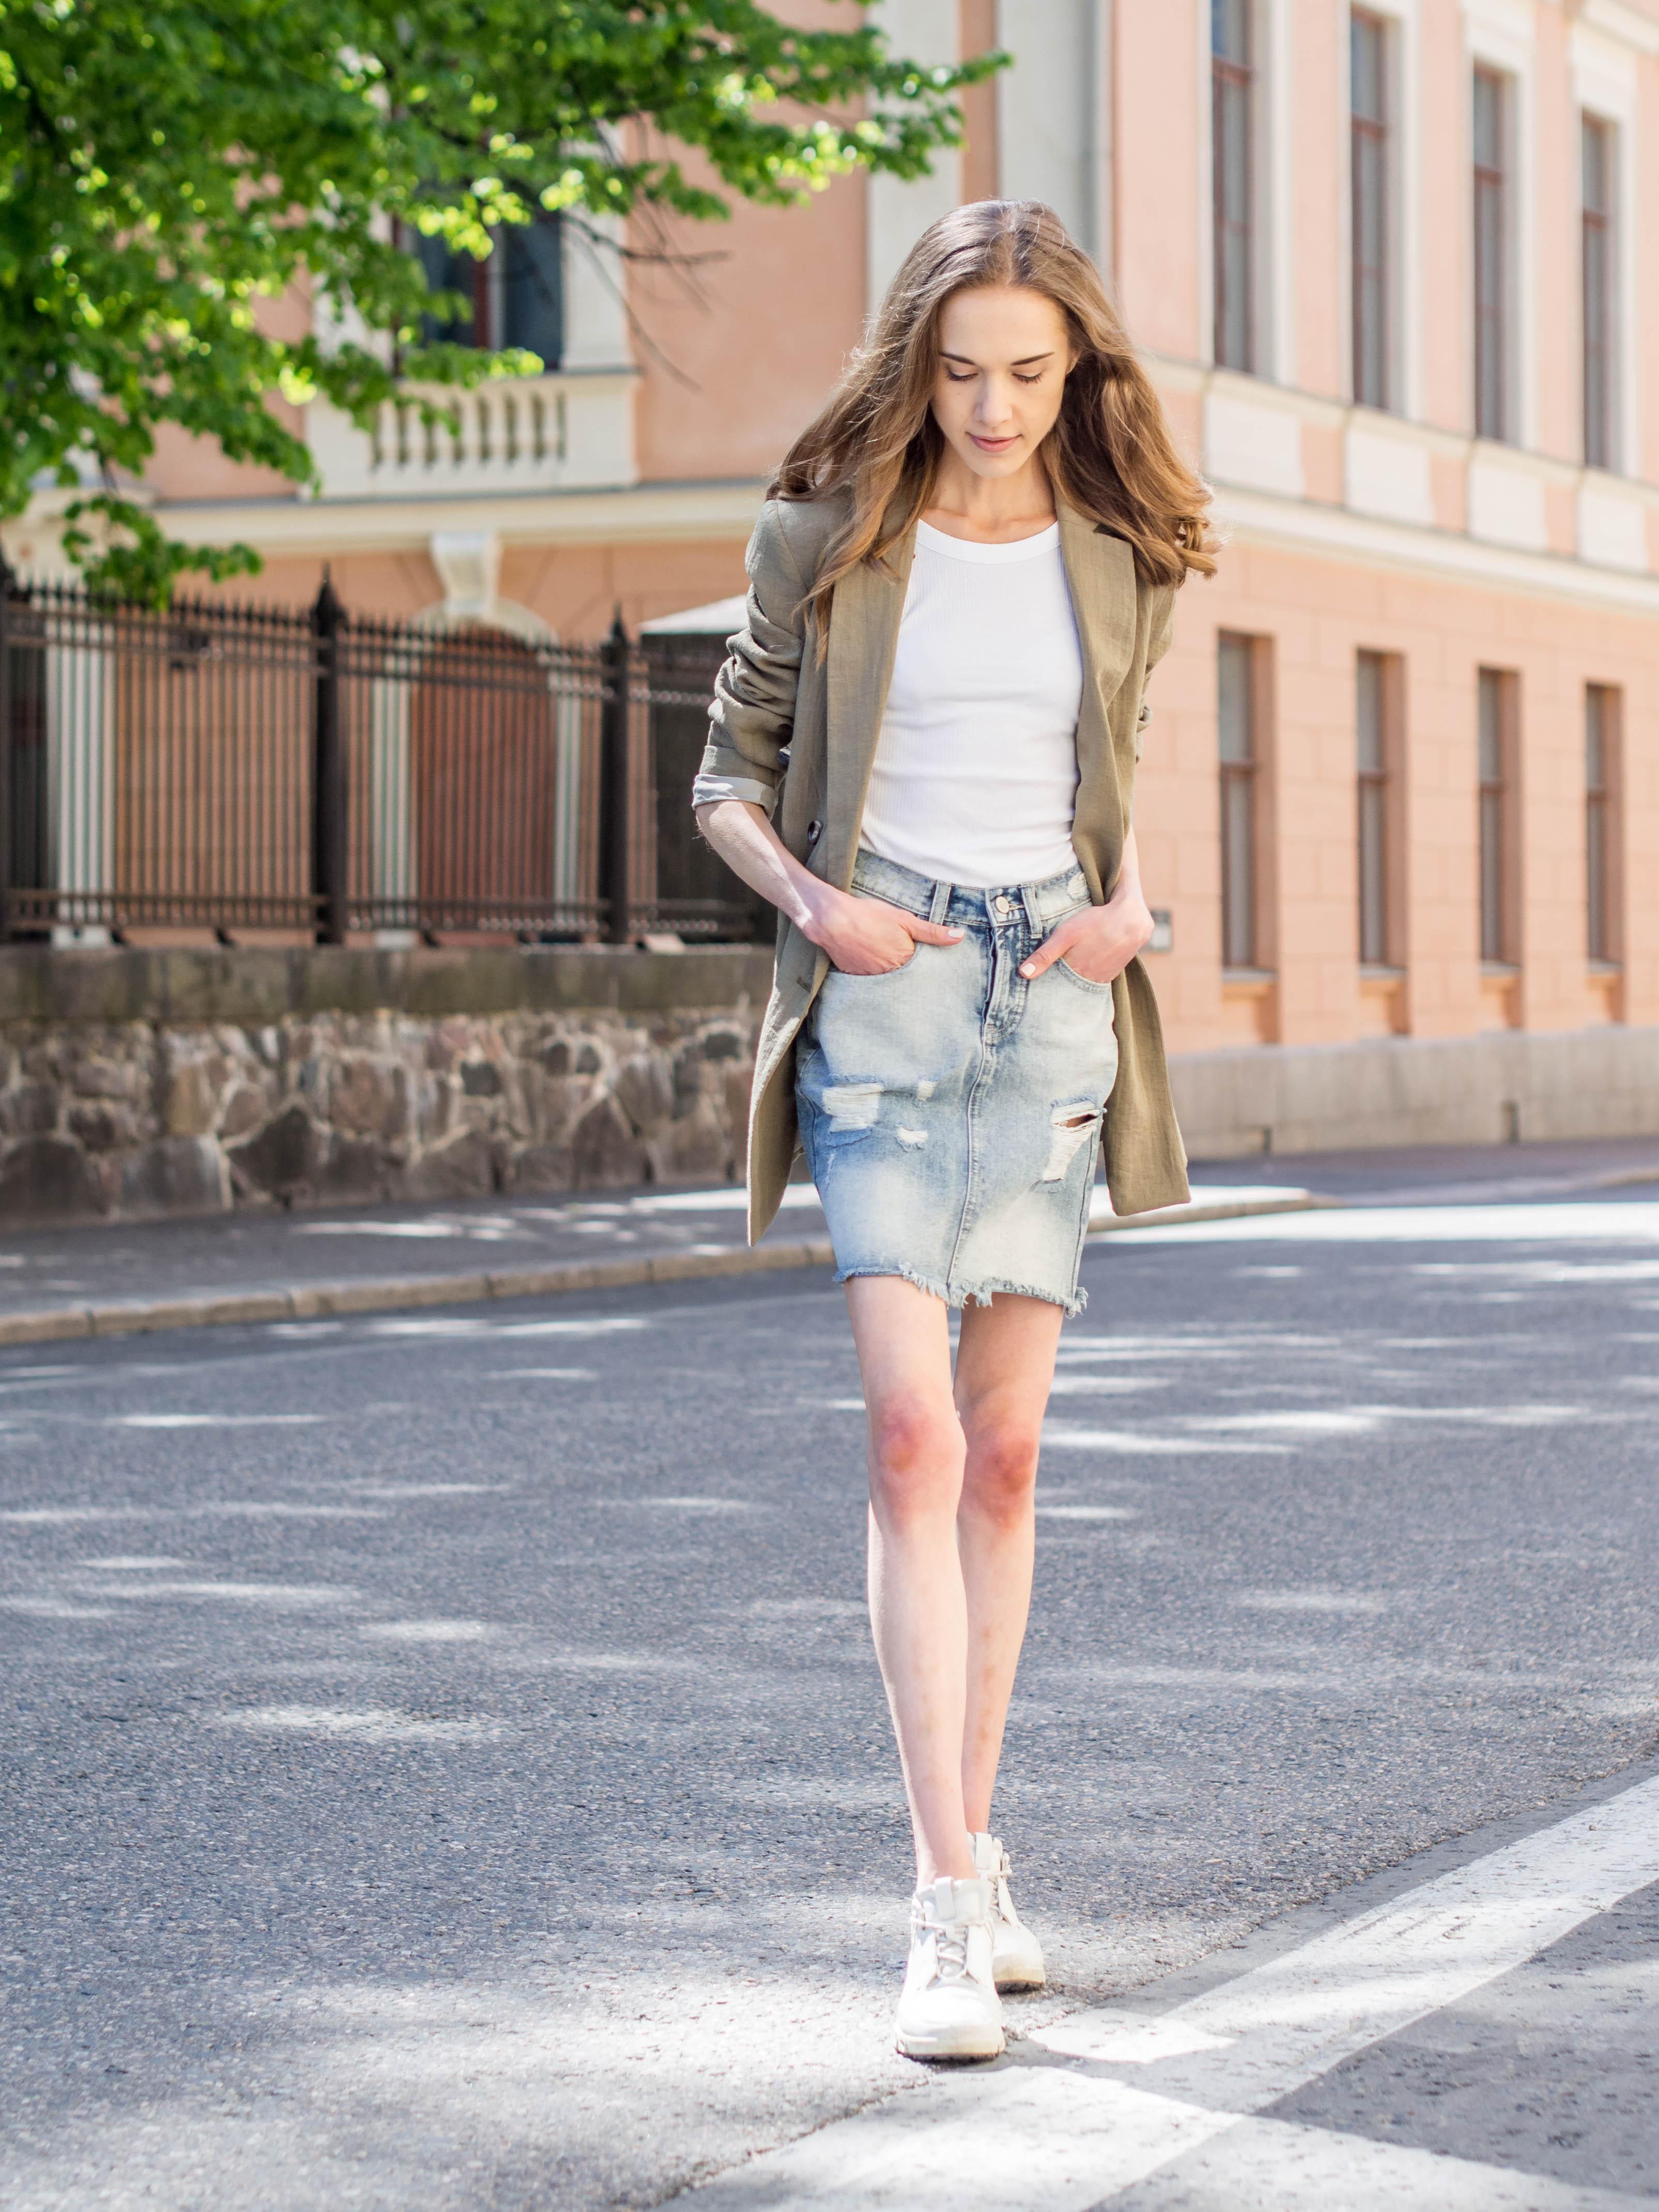 How to wear a denim skirt in summer 2020 - Kuinka pukea farkkuhame, kesämuoti 2020